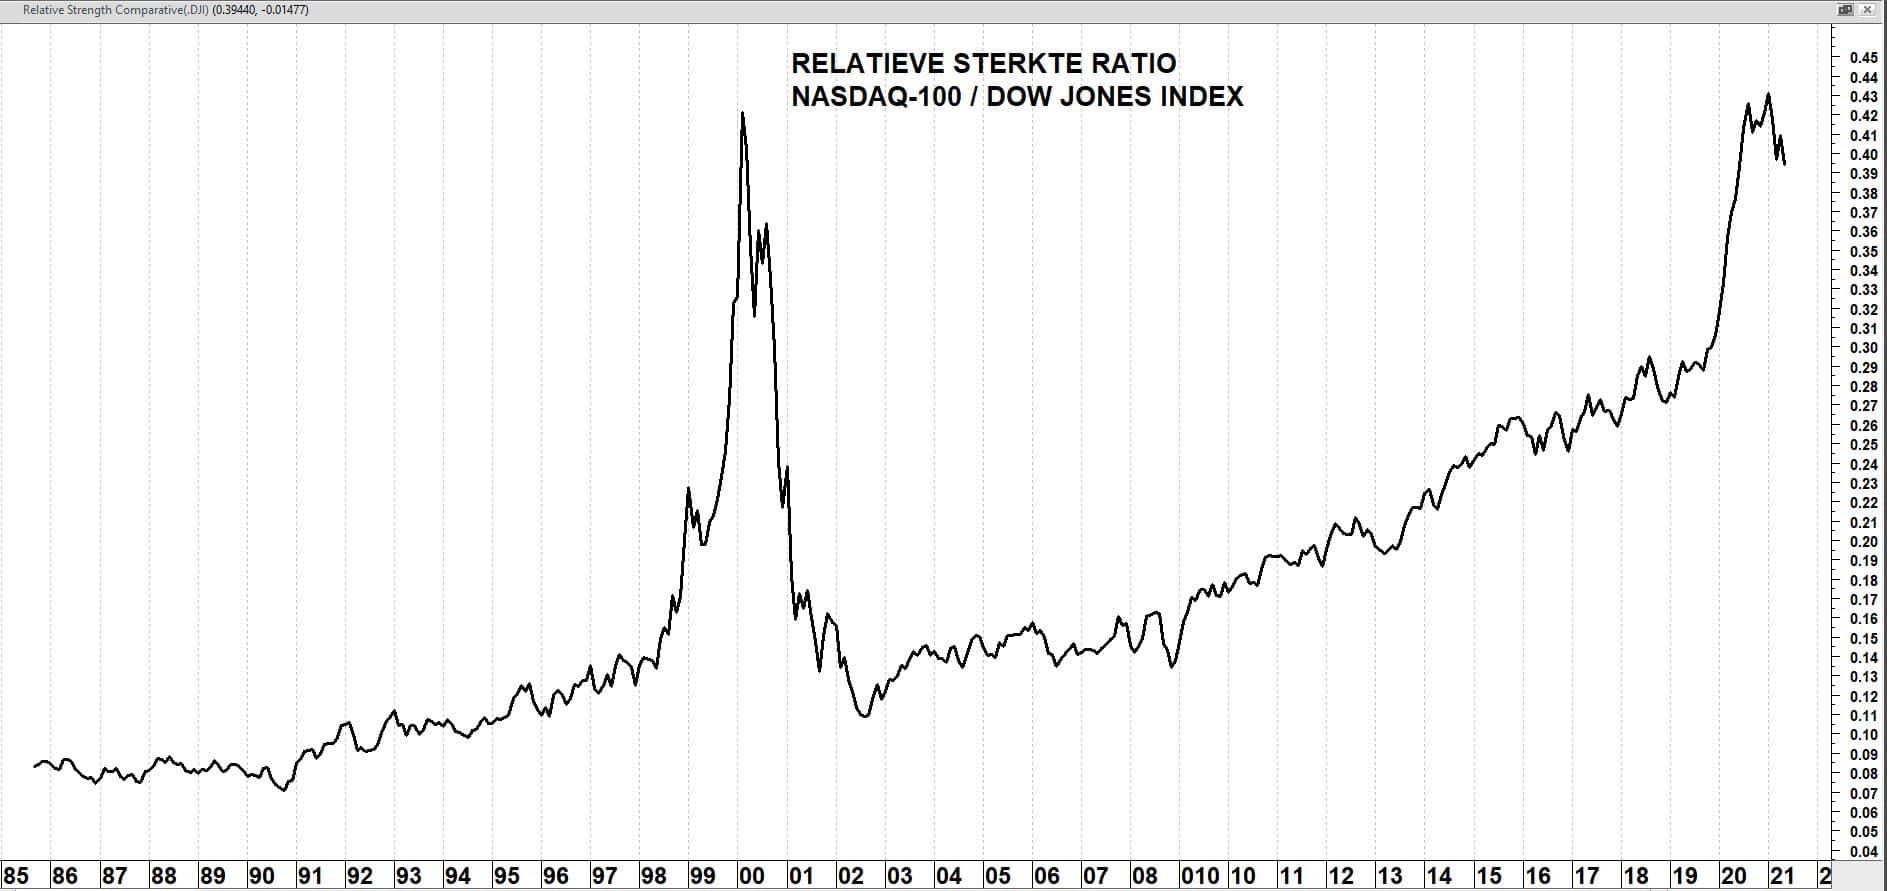 Relatieve sterkte analyse op maandbasis: Nasdaq-100 ten opzichte van de Dow Jones Index